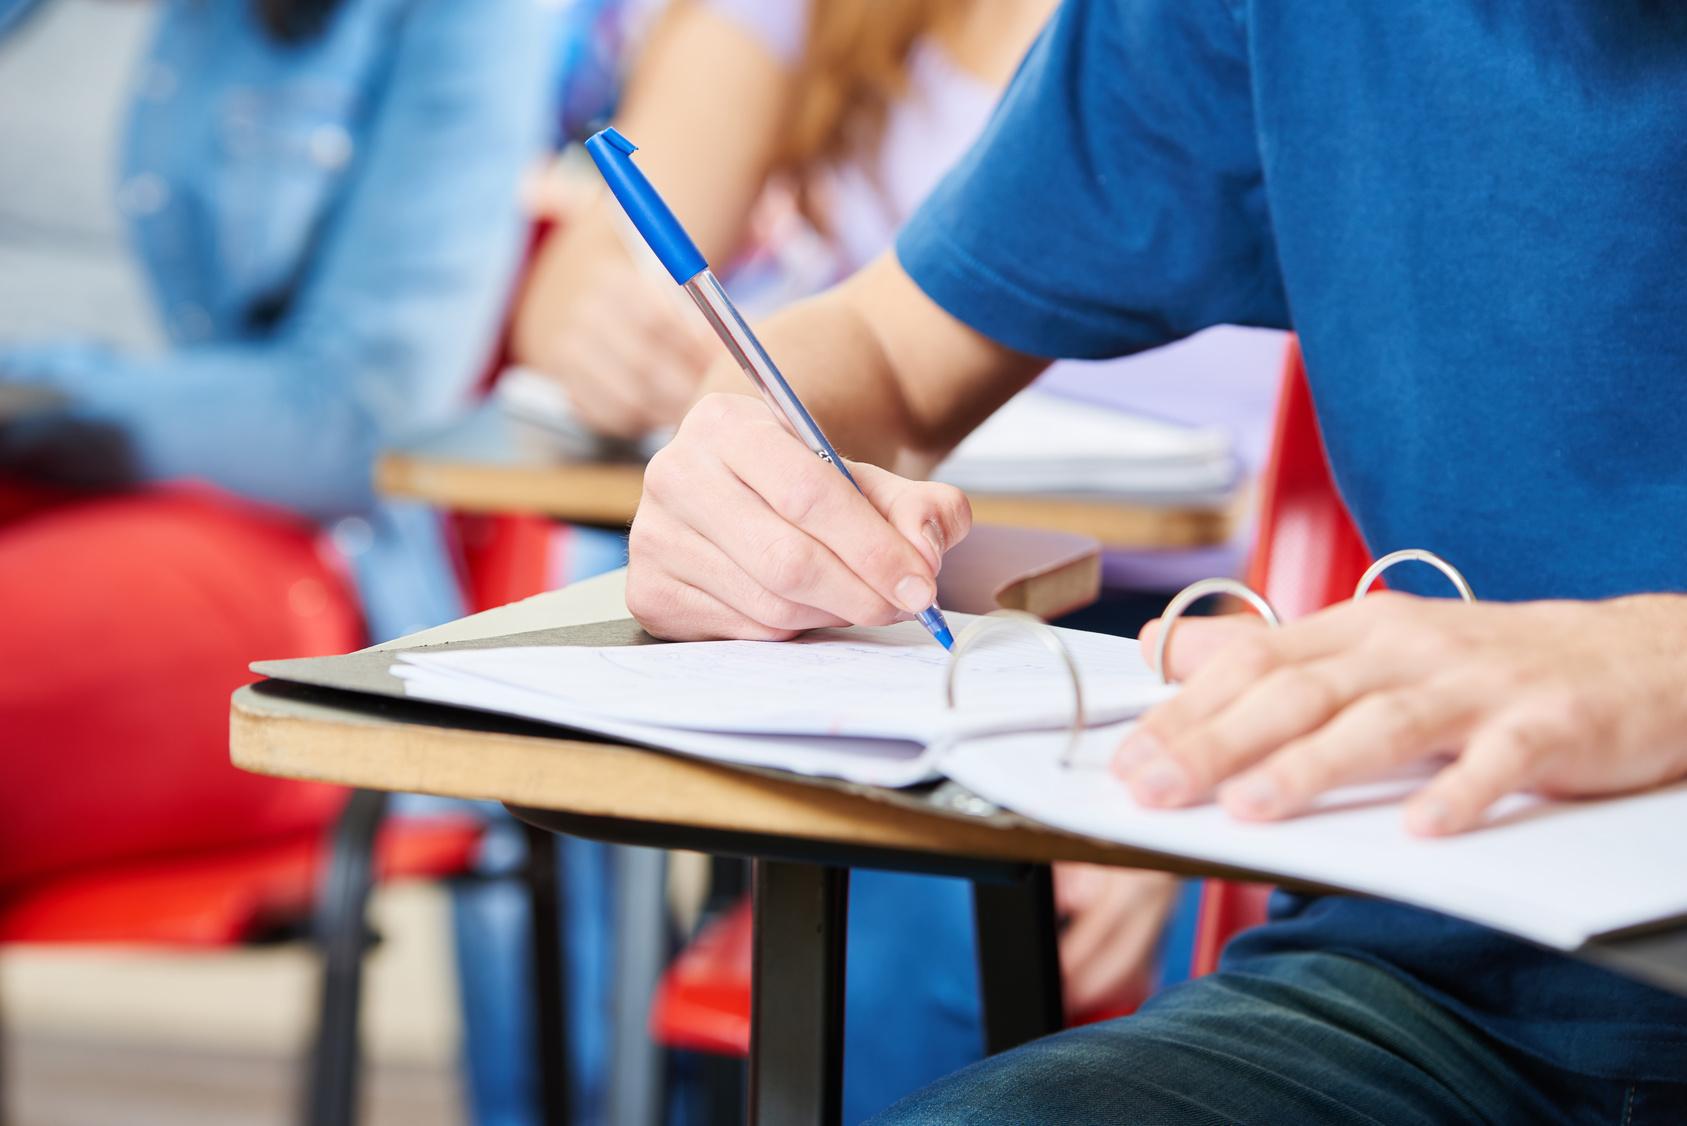 Schüler macht sich Notizen in einem Ringbuch in der Schule